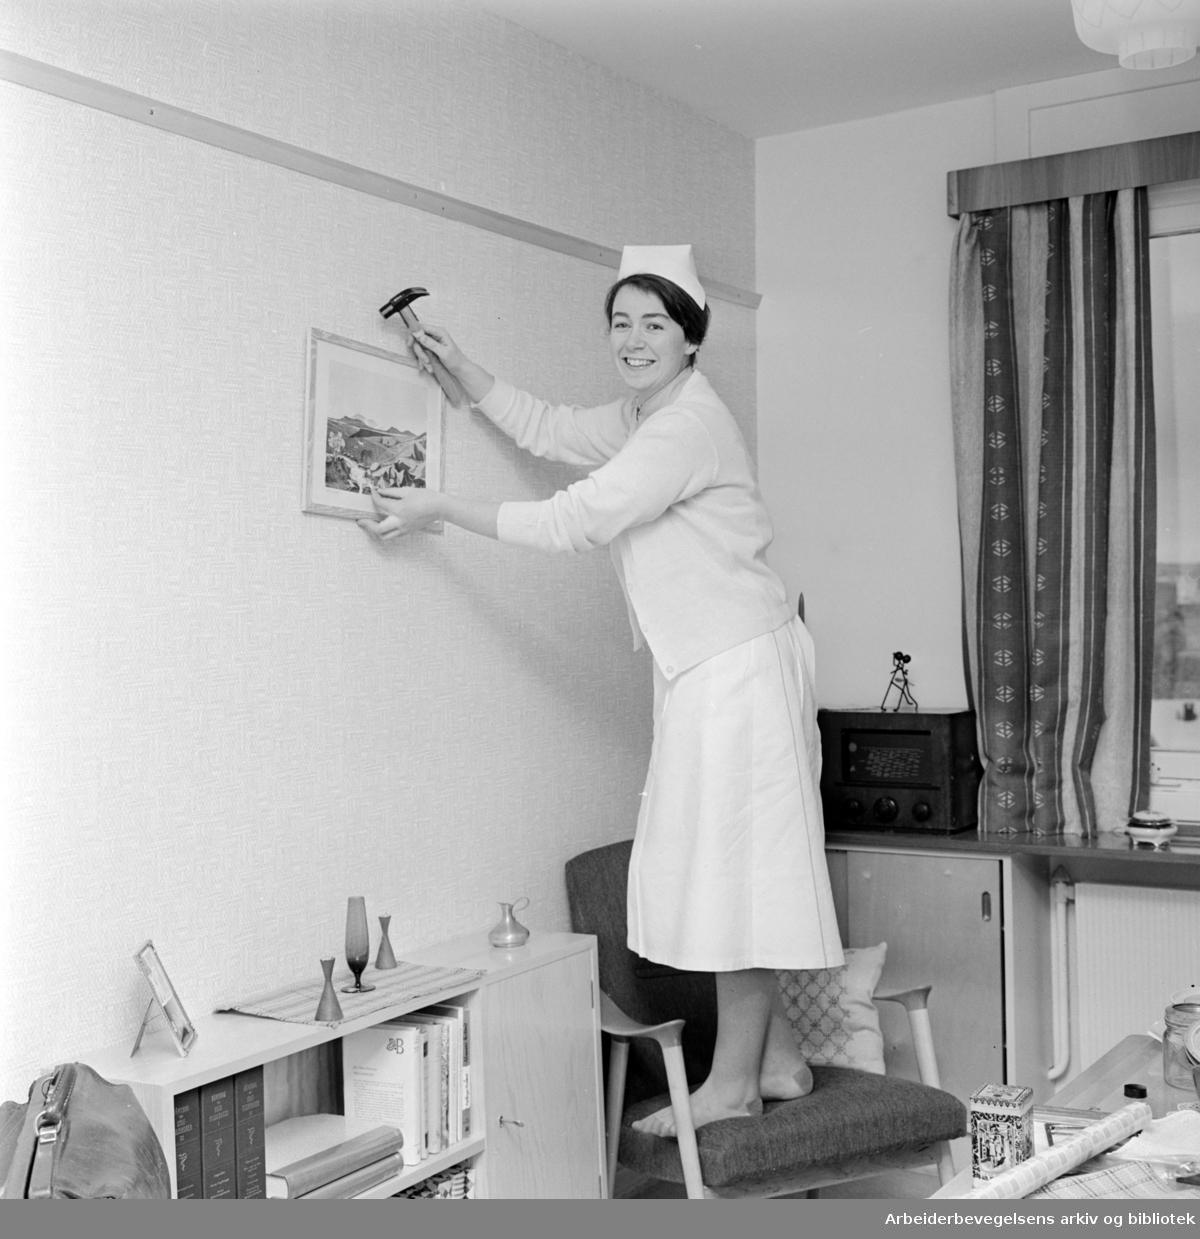 Ullevål Sykehus. Sykepleierske Ragna Rønhovde henger opp et bilde på veggen i oppholdsrommet. Desember 1961